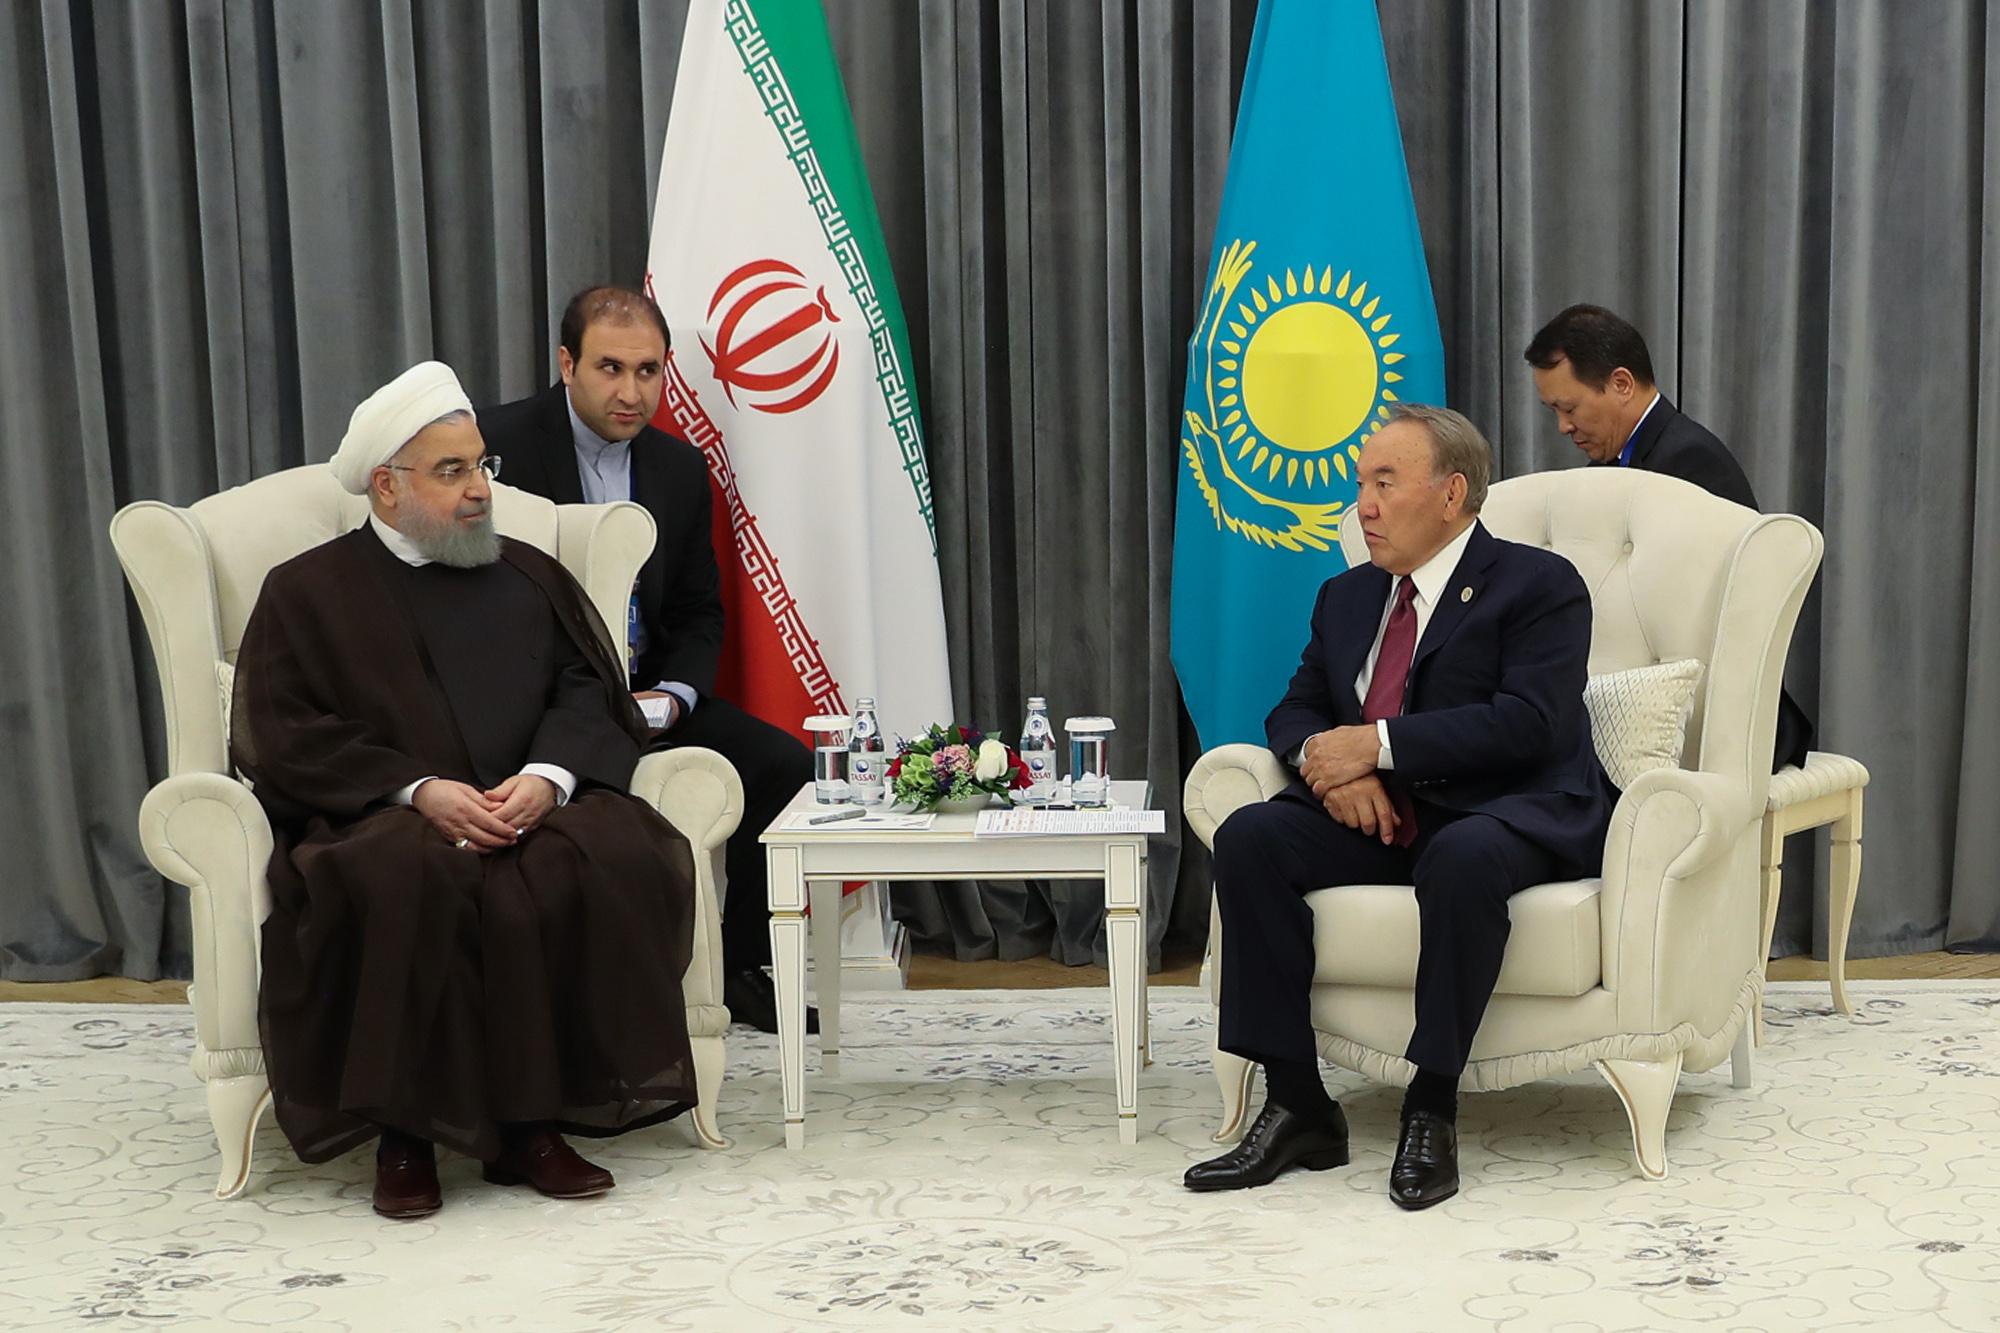 ظرفیتهای ترانزیتی ایران و قزاقستان مکمل یکدیگر و در راستای منافع دو ملت و منطقه است